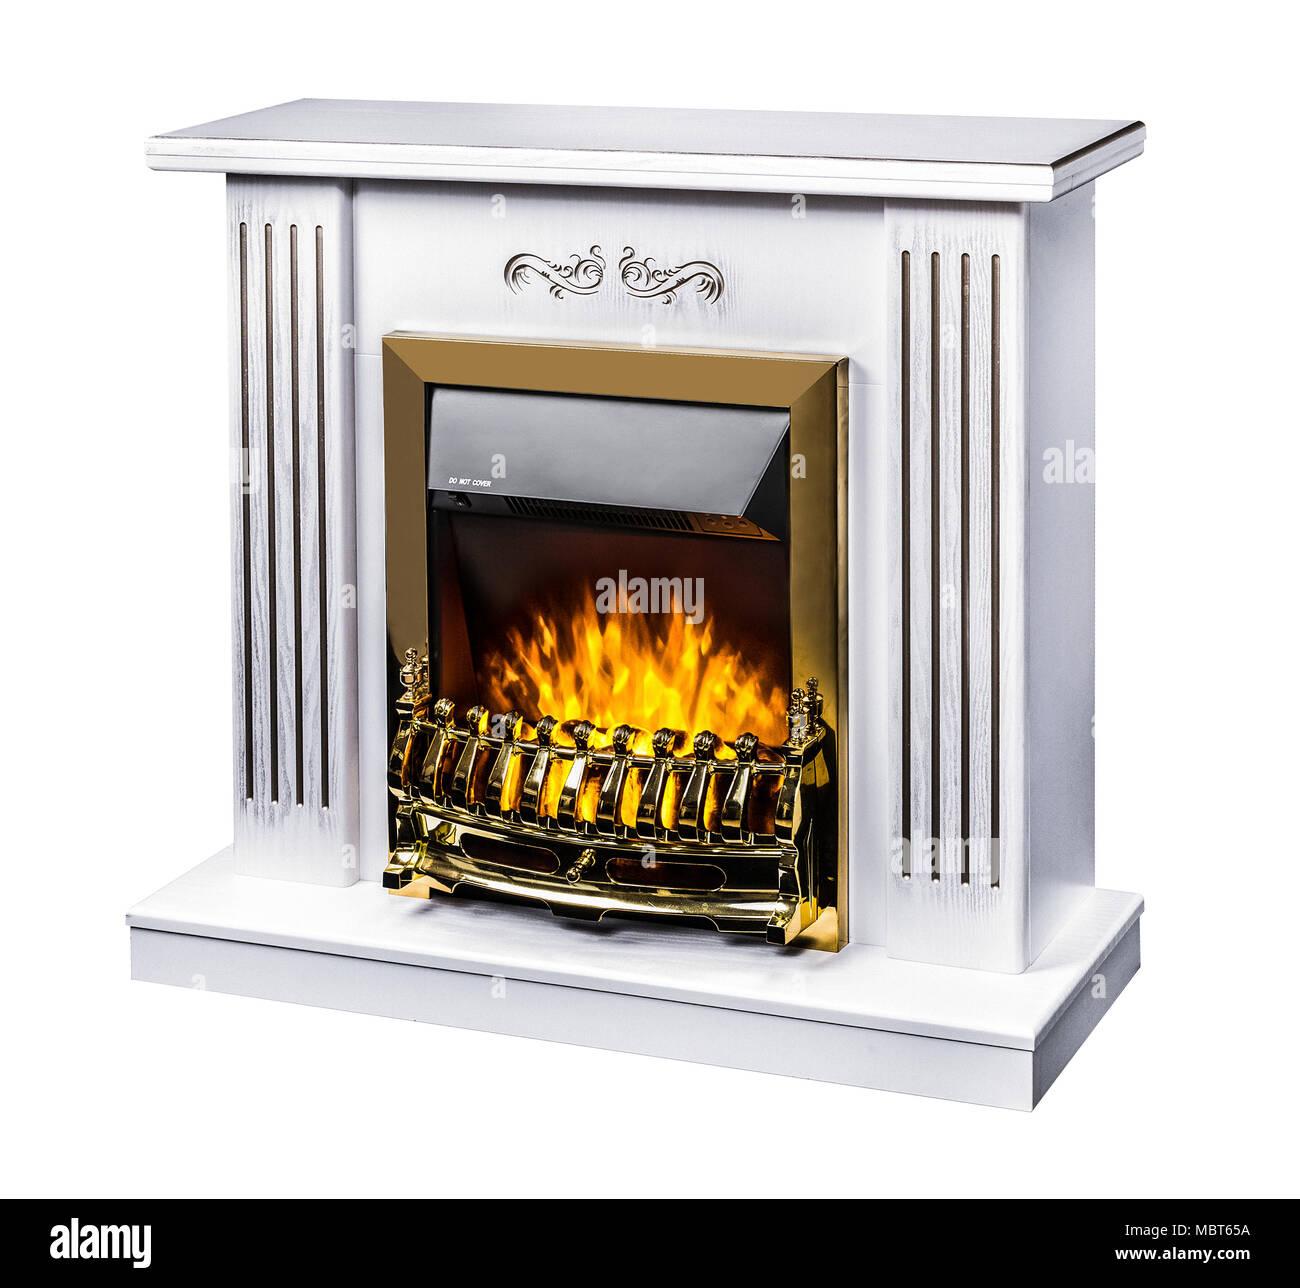 Cheminee Electrique Decorative Moderne Avec Une Belle Flamme Brulante Photo Isole Sur Fond Blanc Photo Stock Alamy